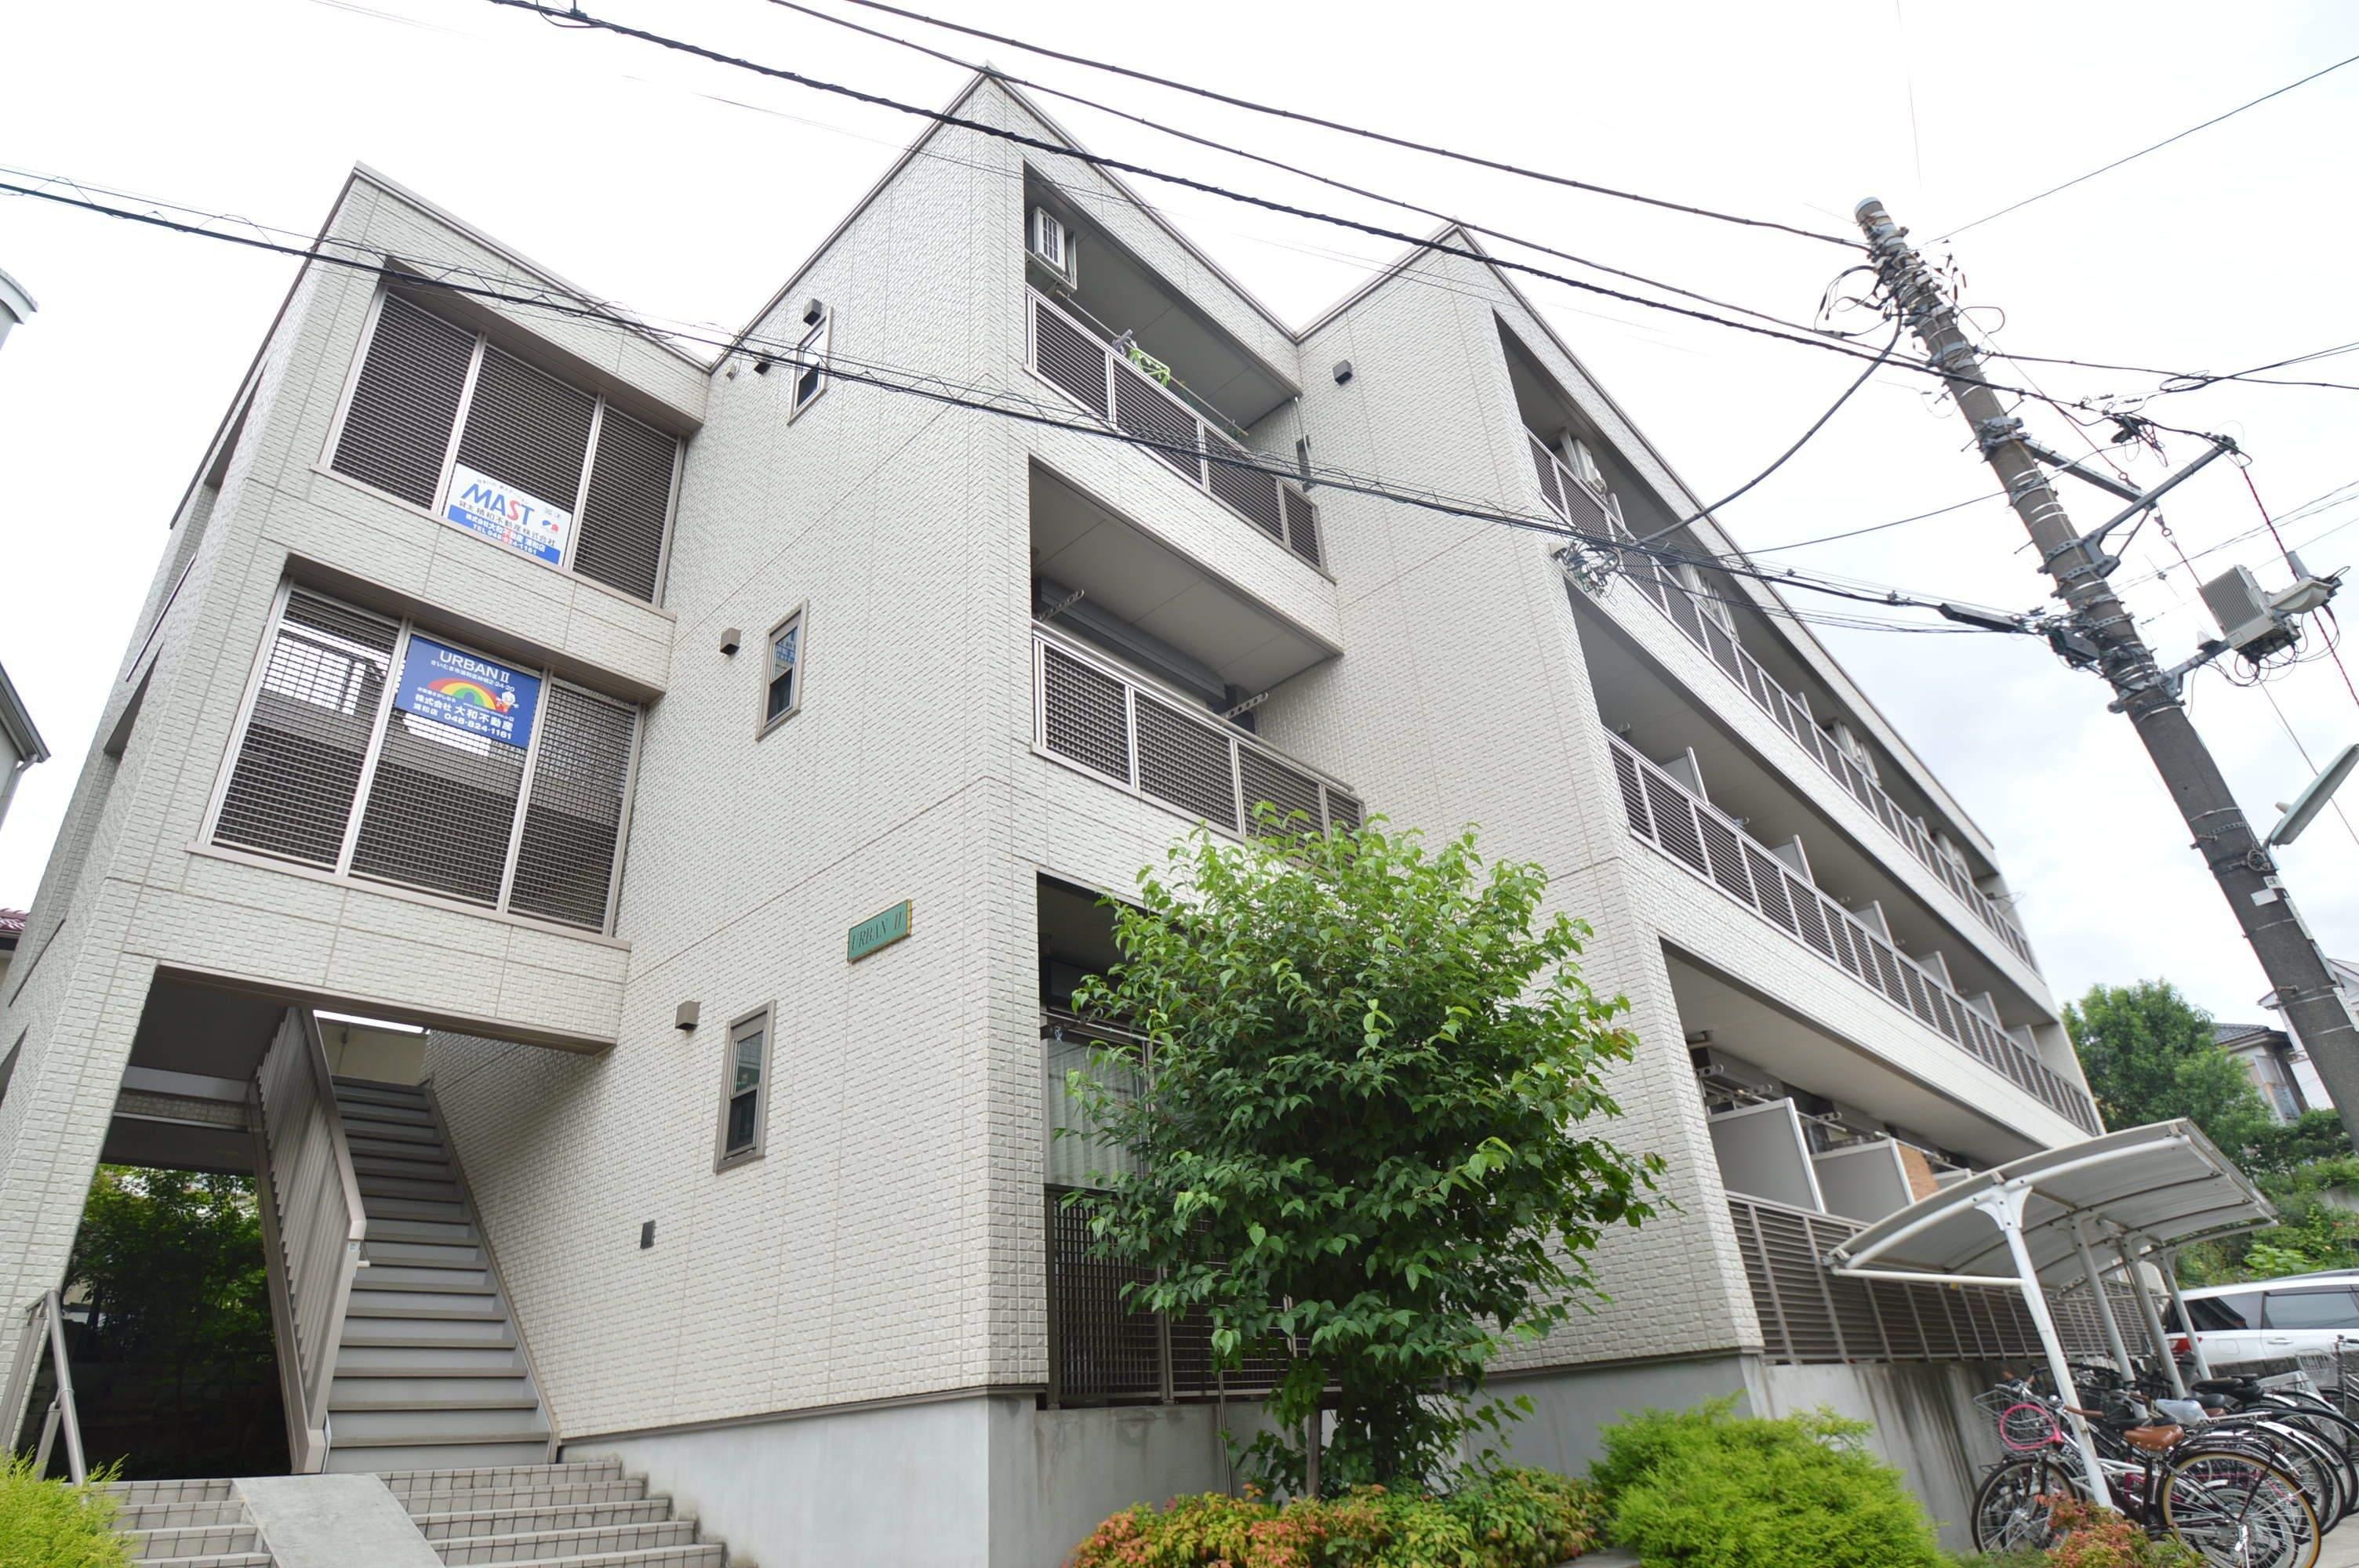 埼玉県さいたま市浦和区、武蔵浦和駅徒歩14分の築9年 3階建の賃貸マンション